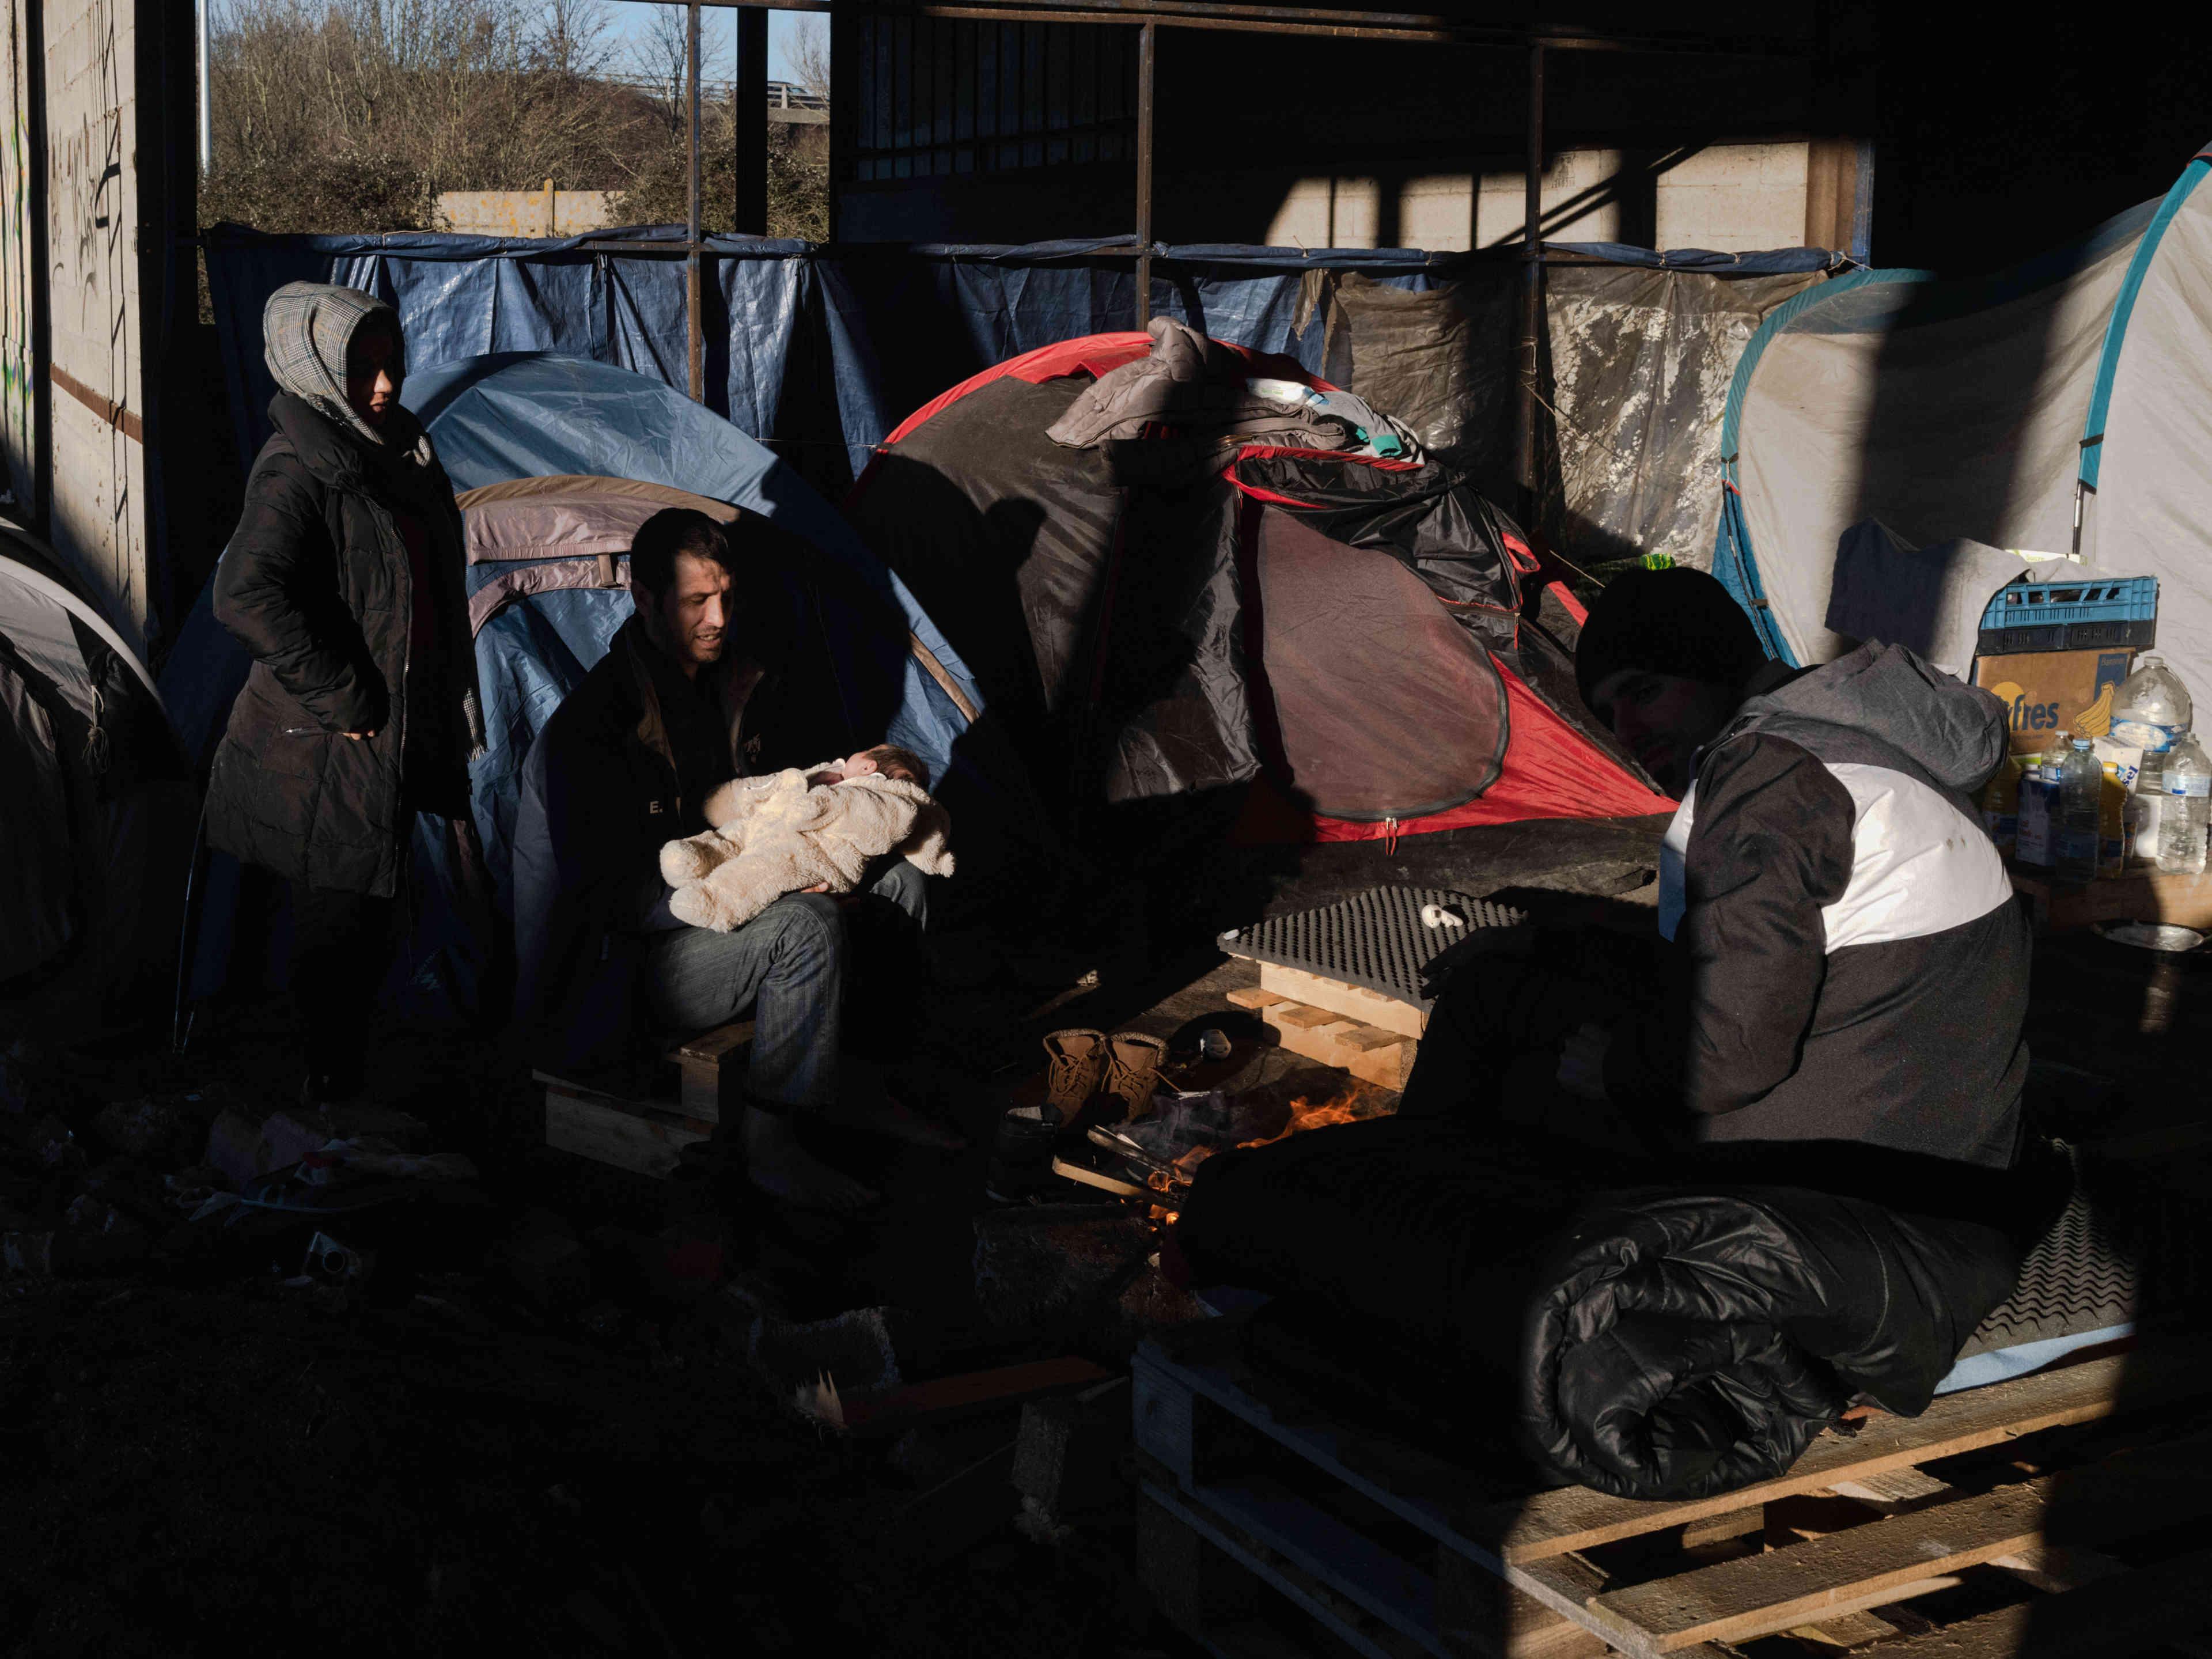 Une famille kurde Irakienne dans un hangaroù des centaines de migrants s'abritent,à Grande Synthe, le 30 décembre 2019.